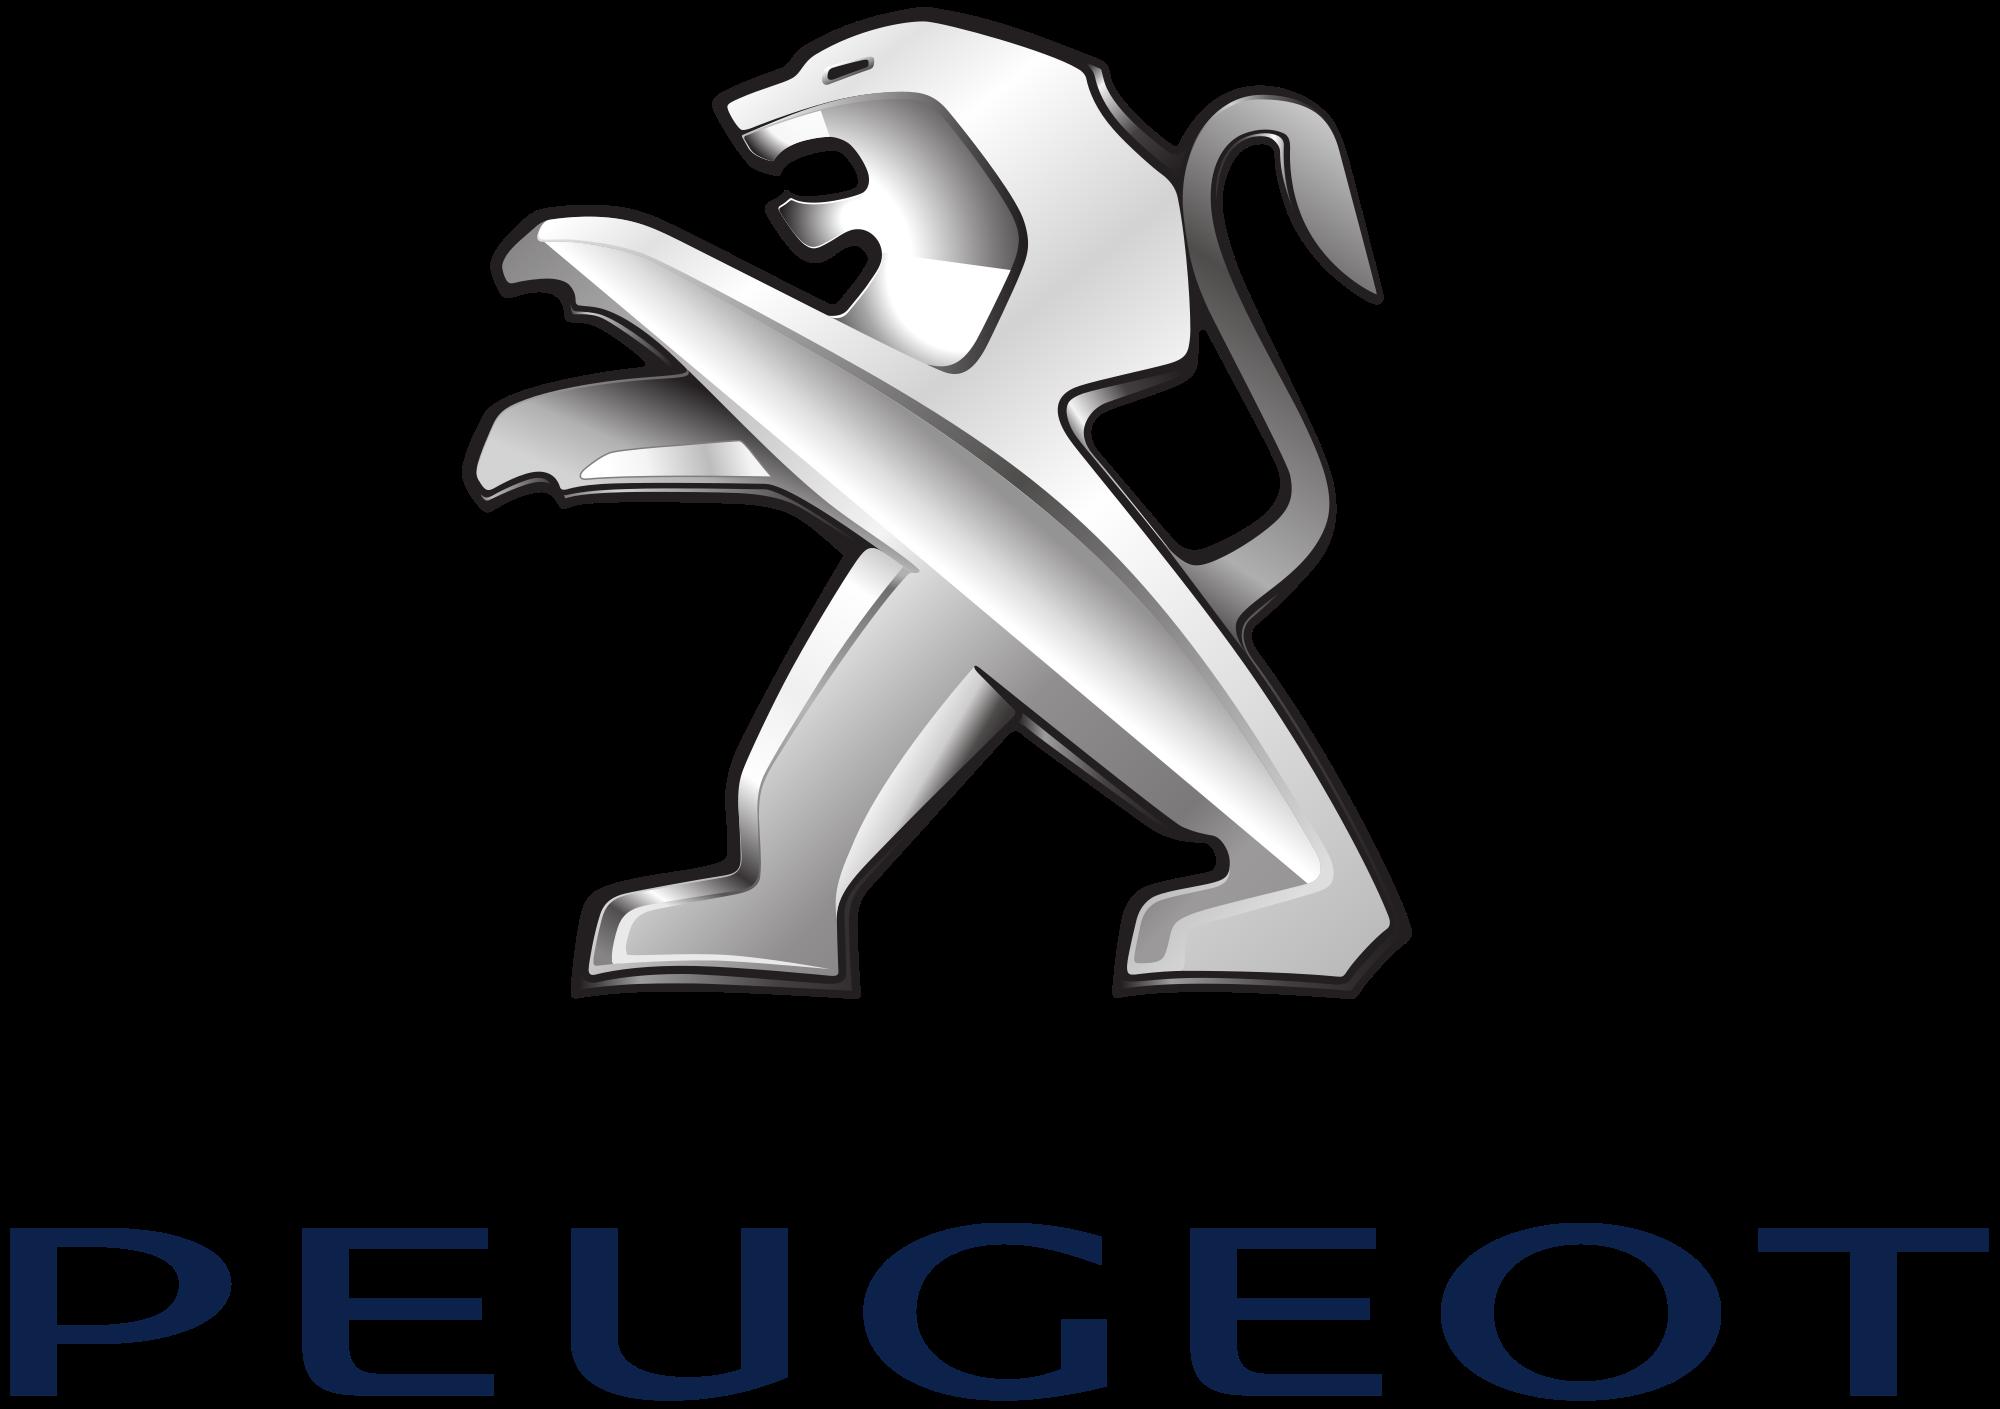 Peugeot logo.svg.png - Peugeot Logo PNG